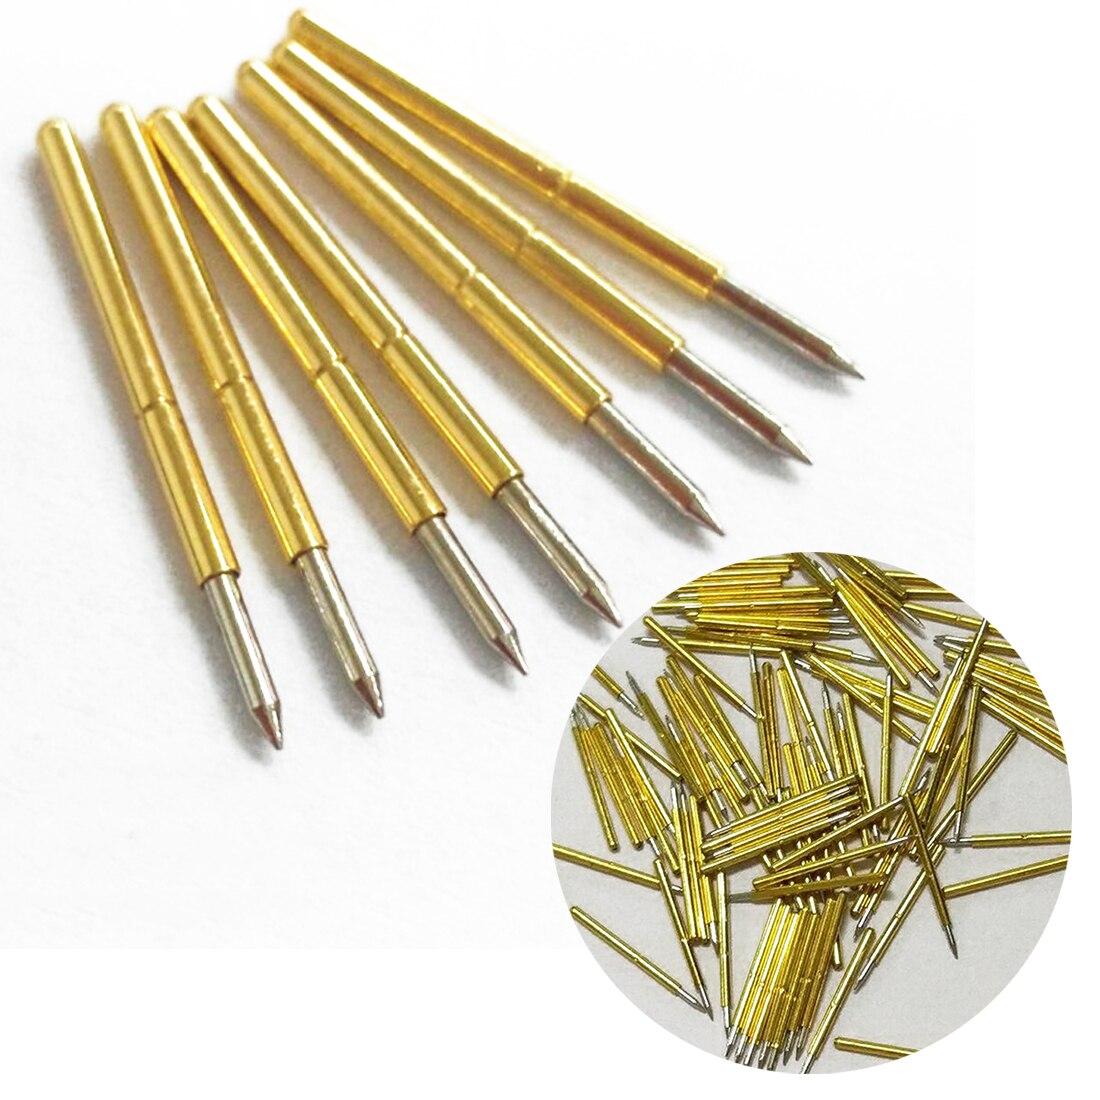 Горячее предложение 100 шт пружина тестового зонда Pogo Pin P75-B1 диаметр 1,02 мм 100 г Cusp копье позолоченное для Тестовых Инструментов